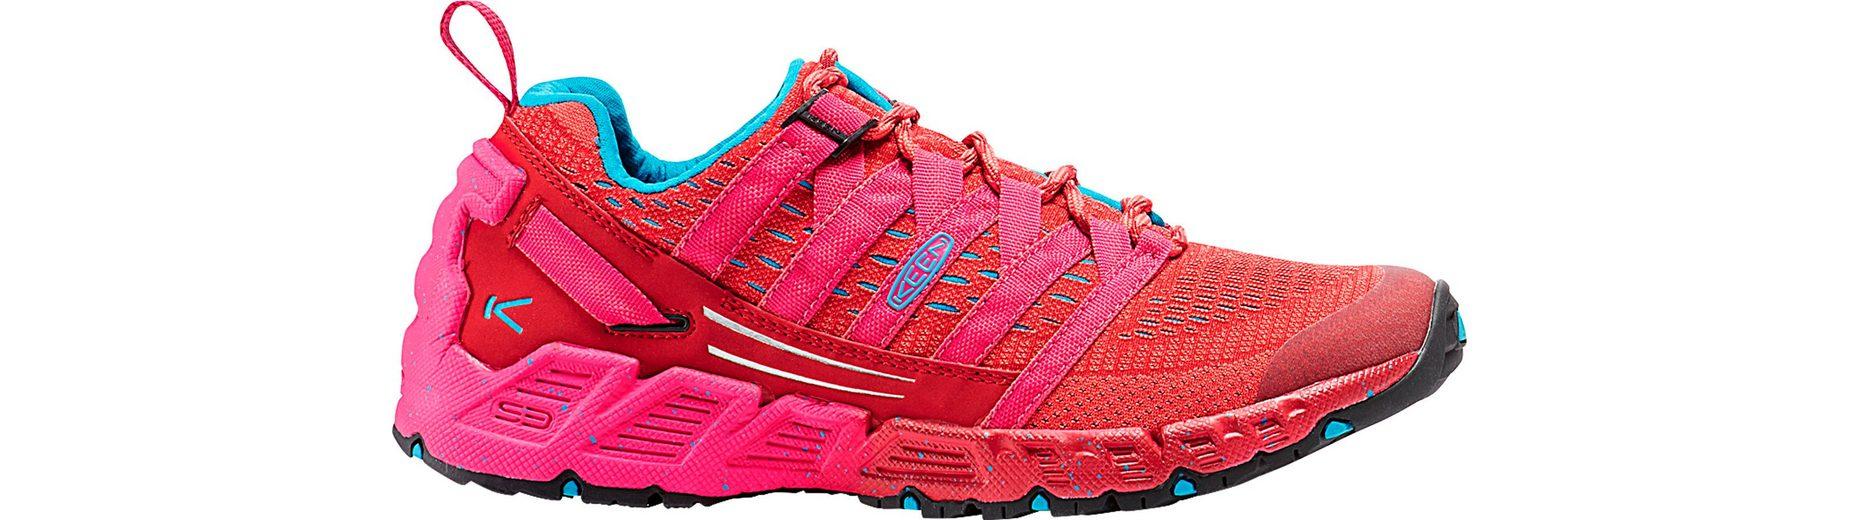 Keen Kletterschuh Versago Shoes Women Werksverkauf DlJa8